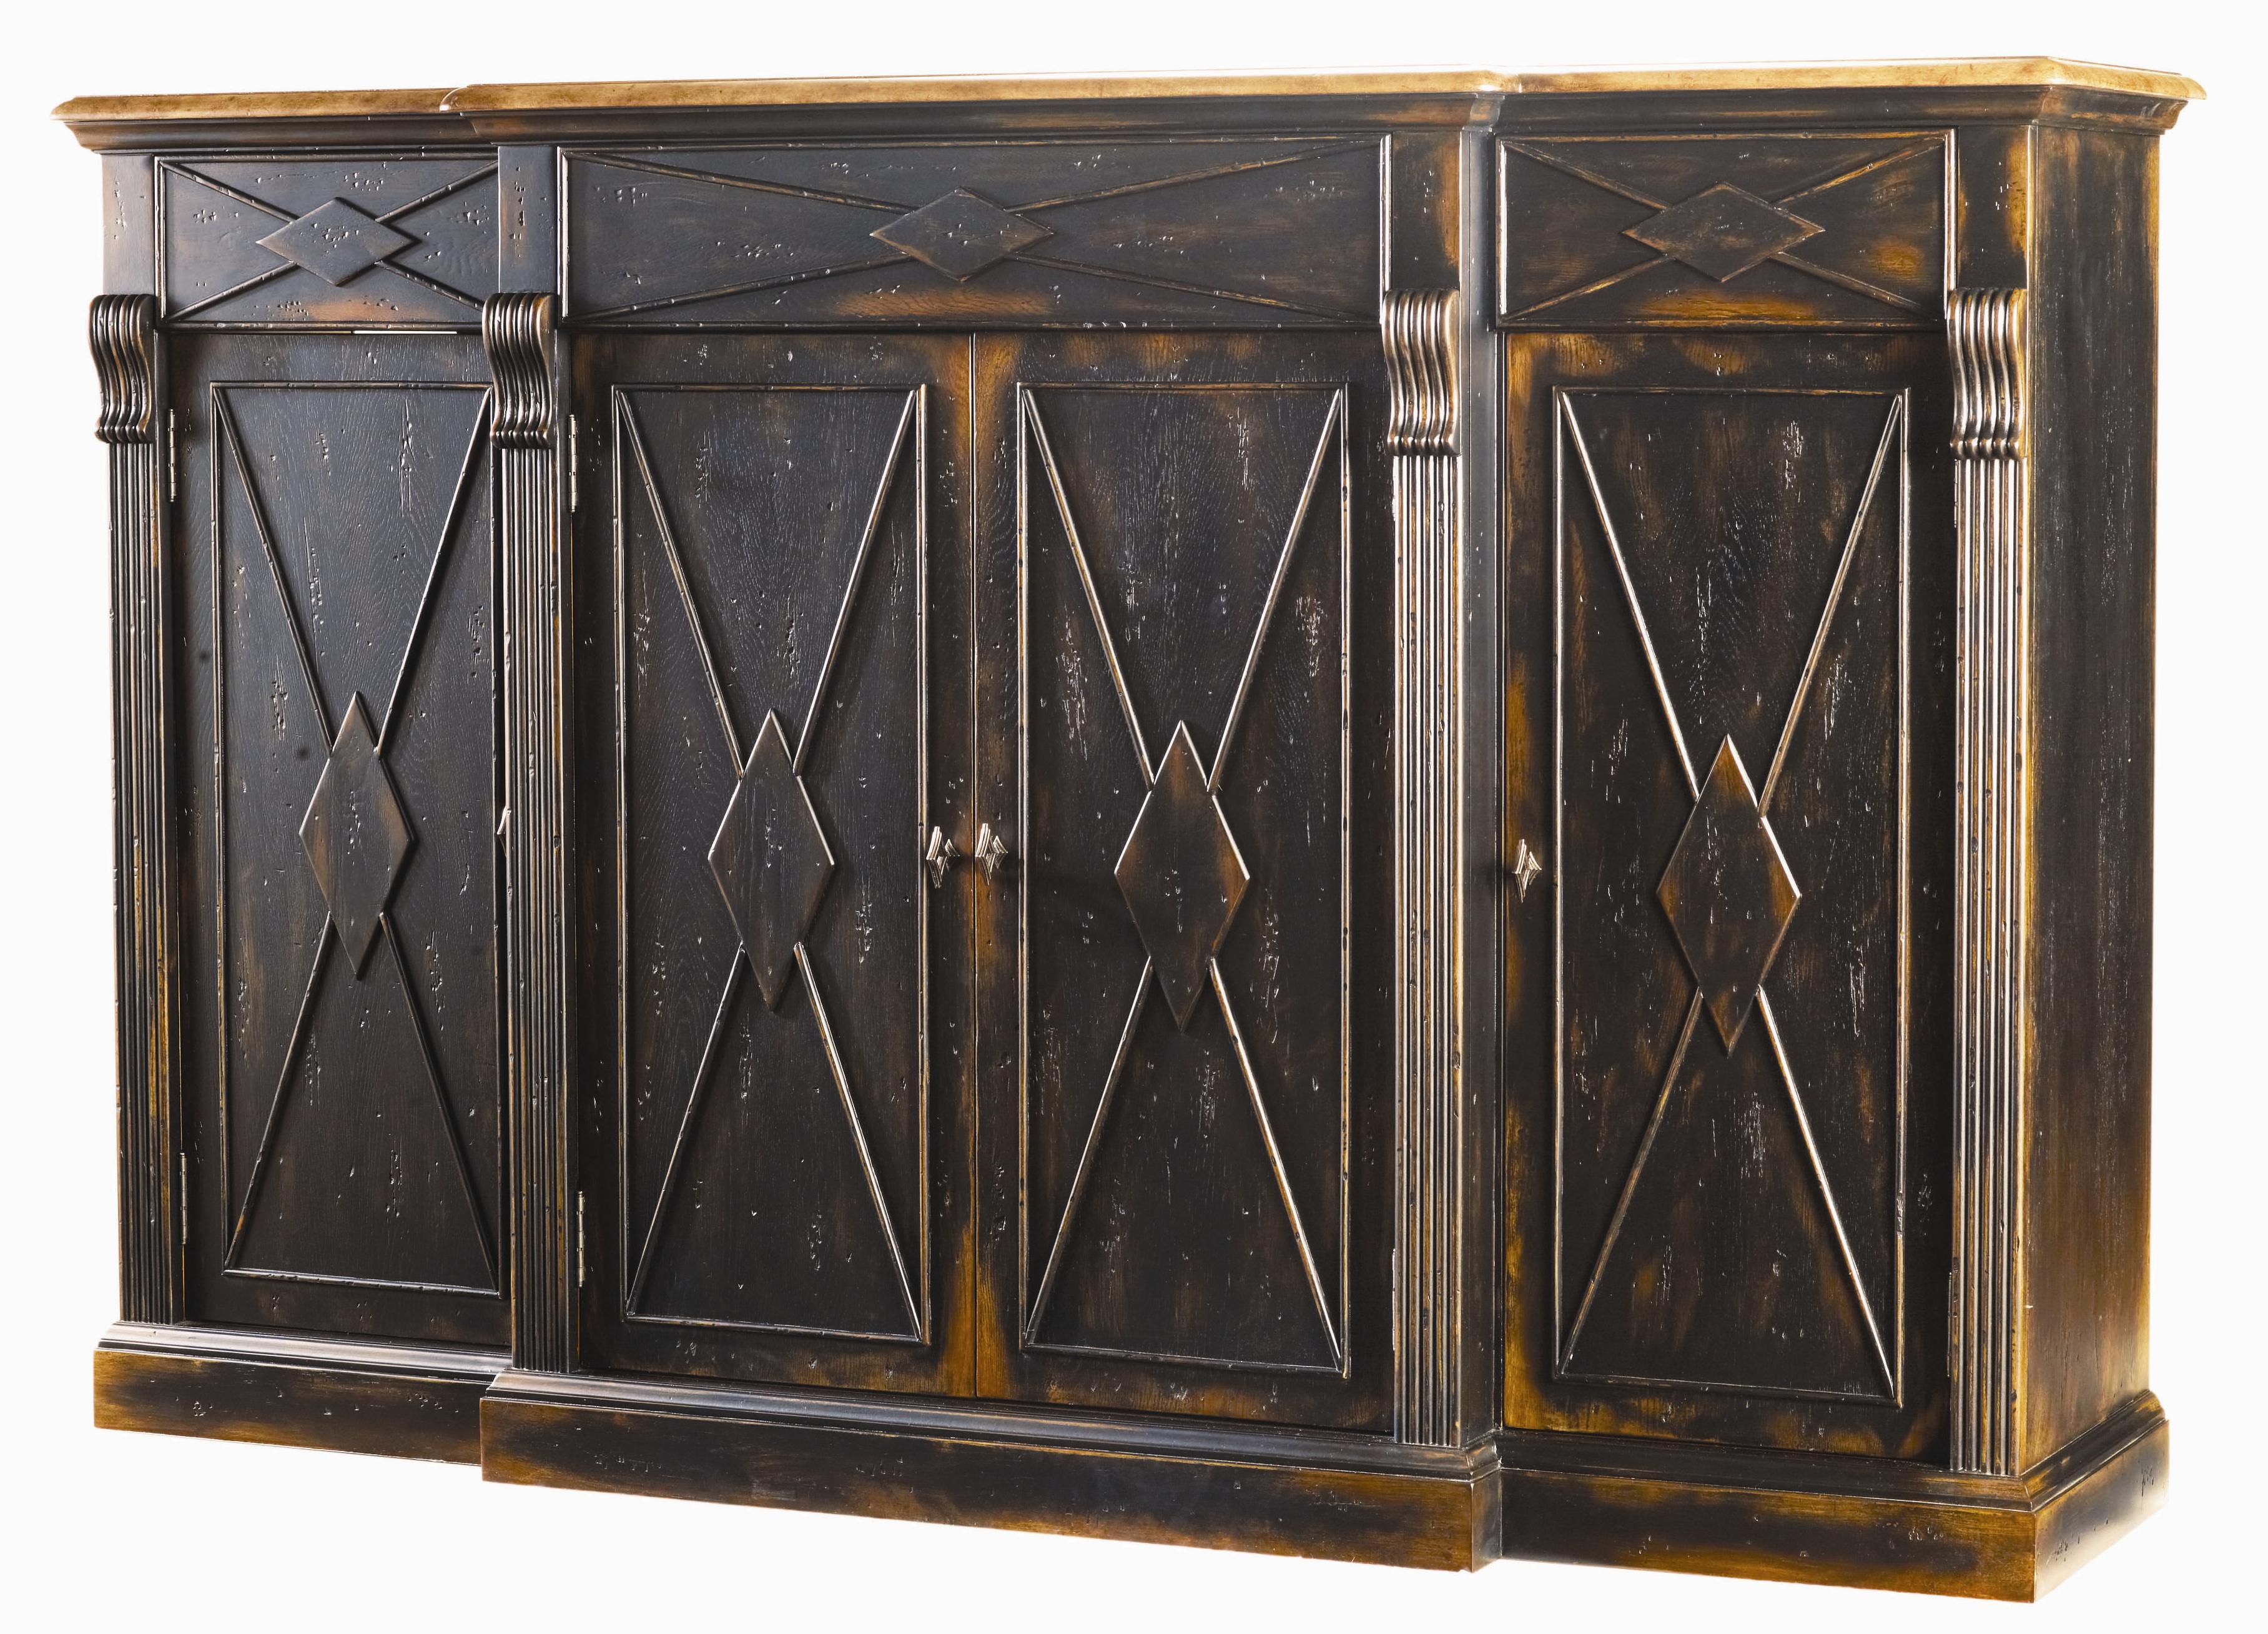 Hooker Furniture Sanctuary Credenza   Item Number: 3005 85002